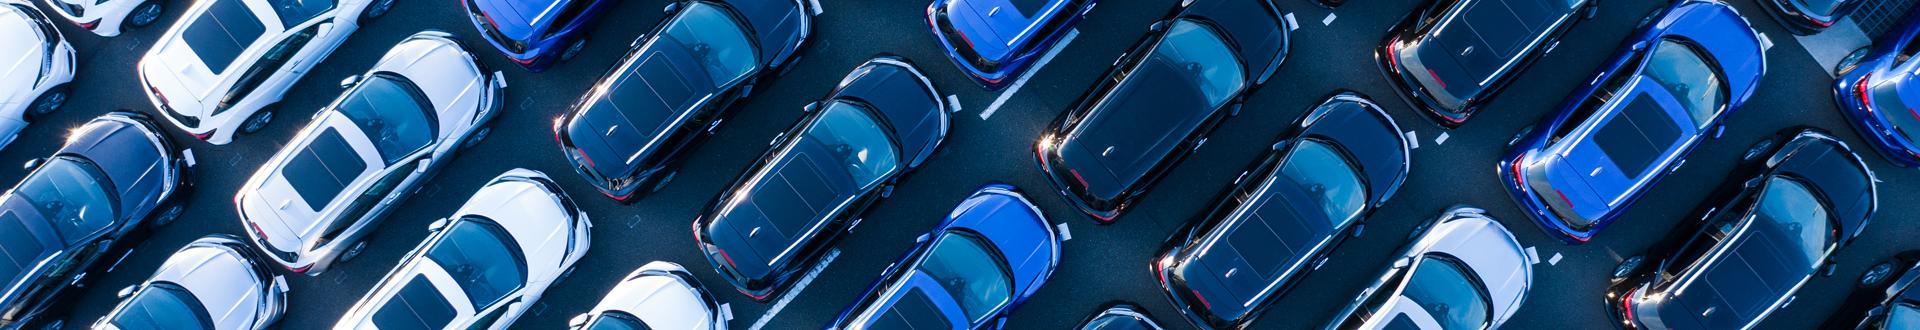 Parking samochodowy z góry